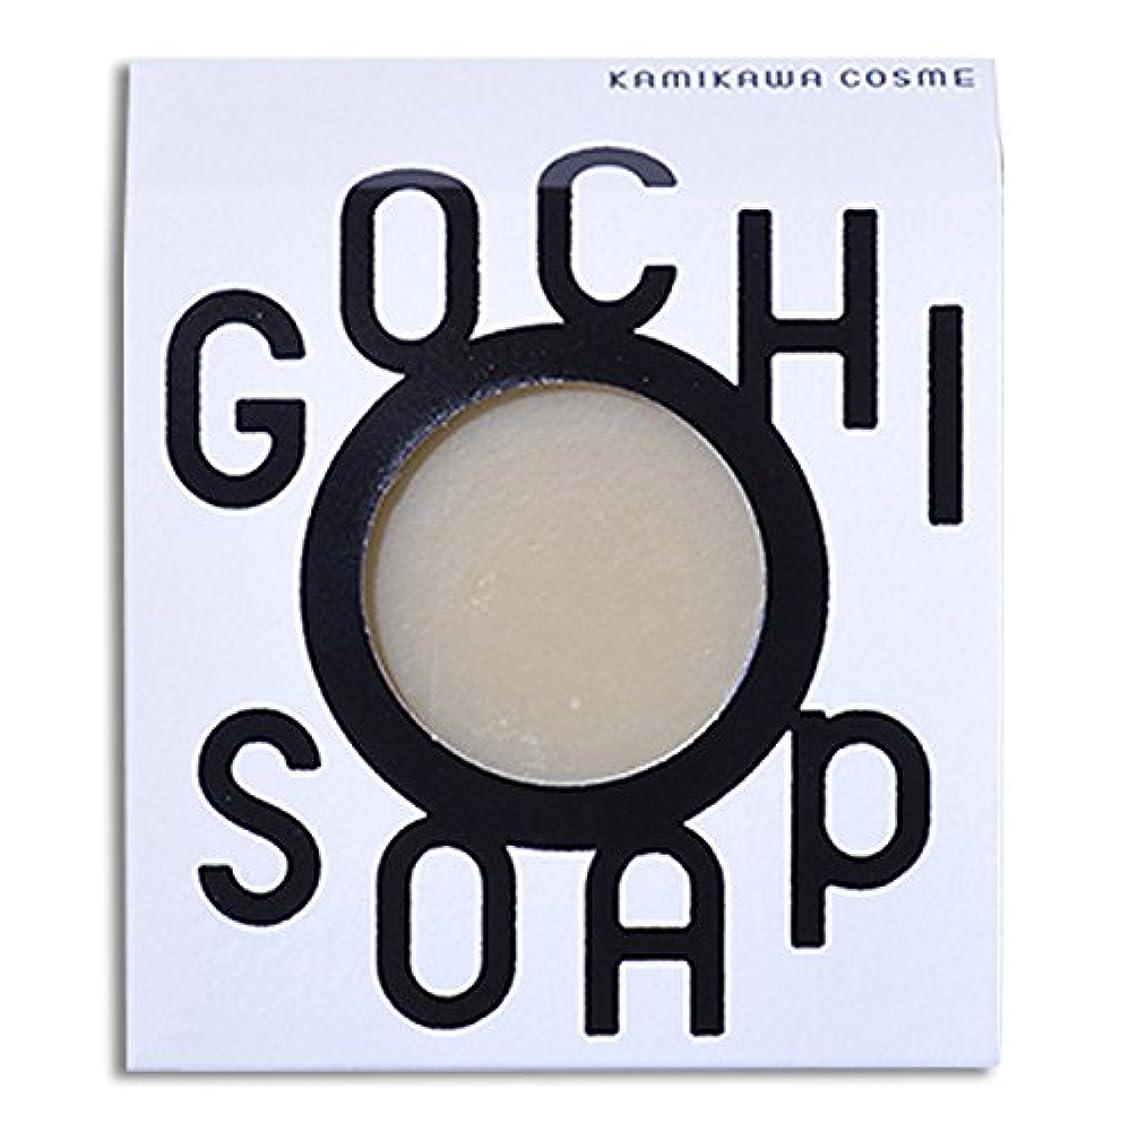 習熟度絶望的な気配りのある道北の素材を使用したコスメブランド GOCHI SOAP(伊勢ファームの牛乳ソープ?平田こうじ店の米糀ソープ)各1個セット